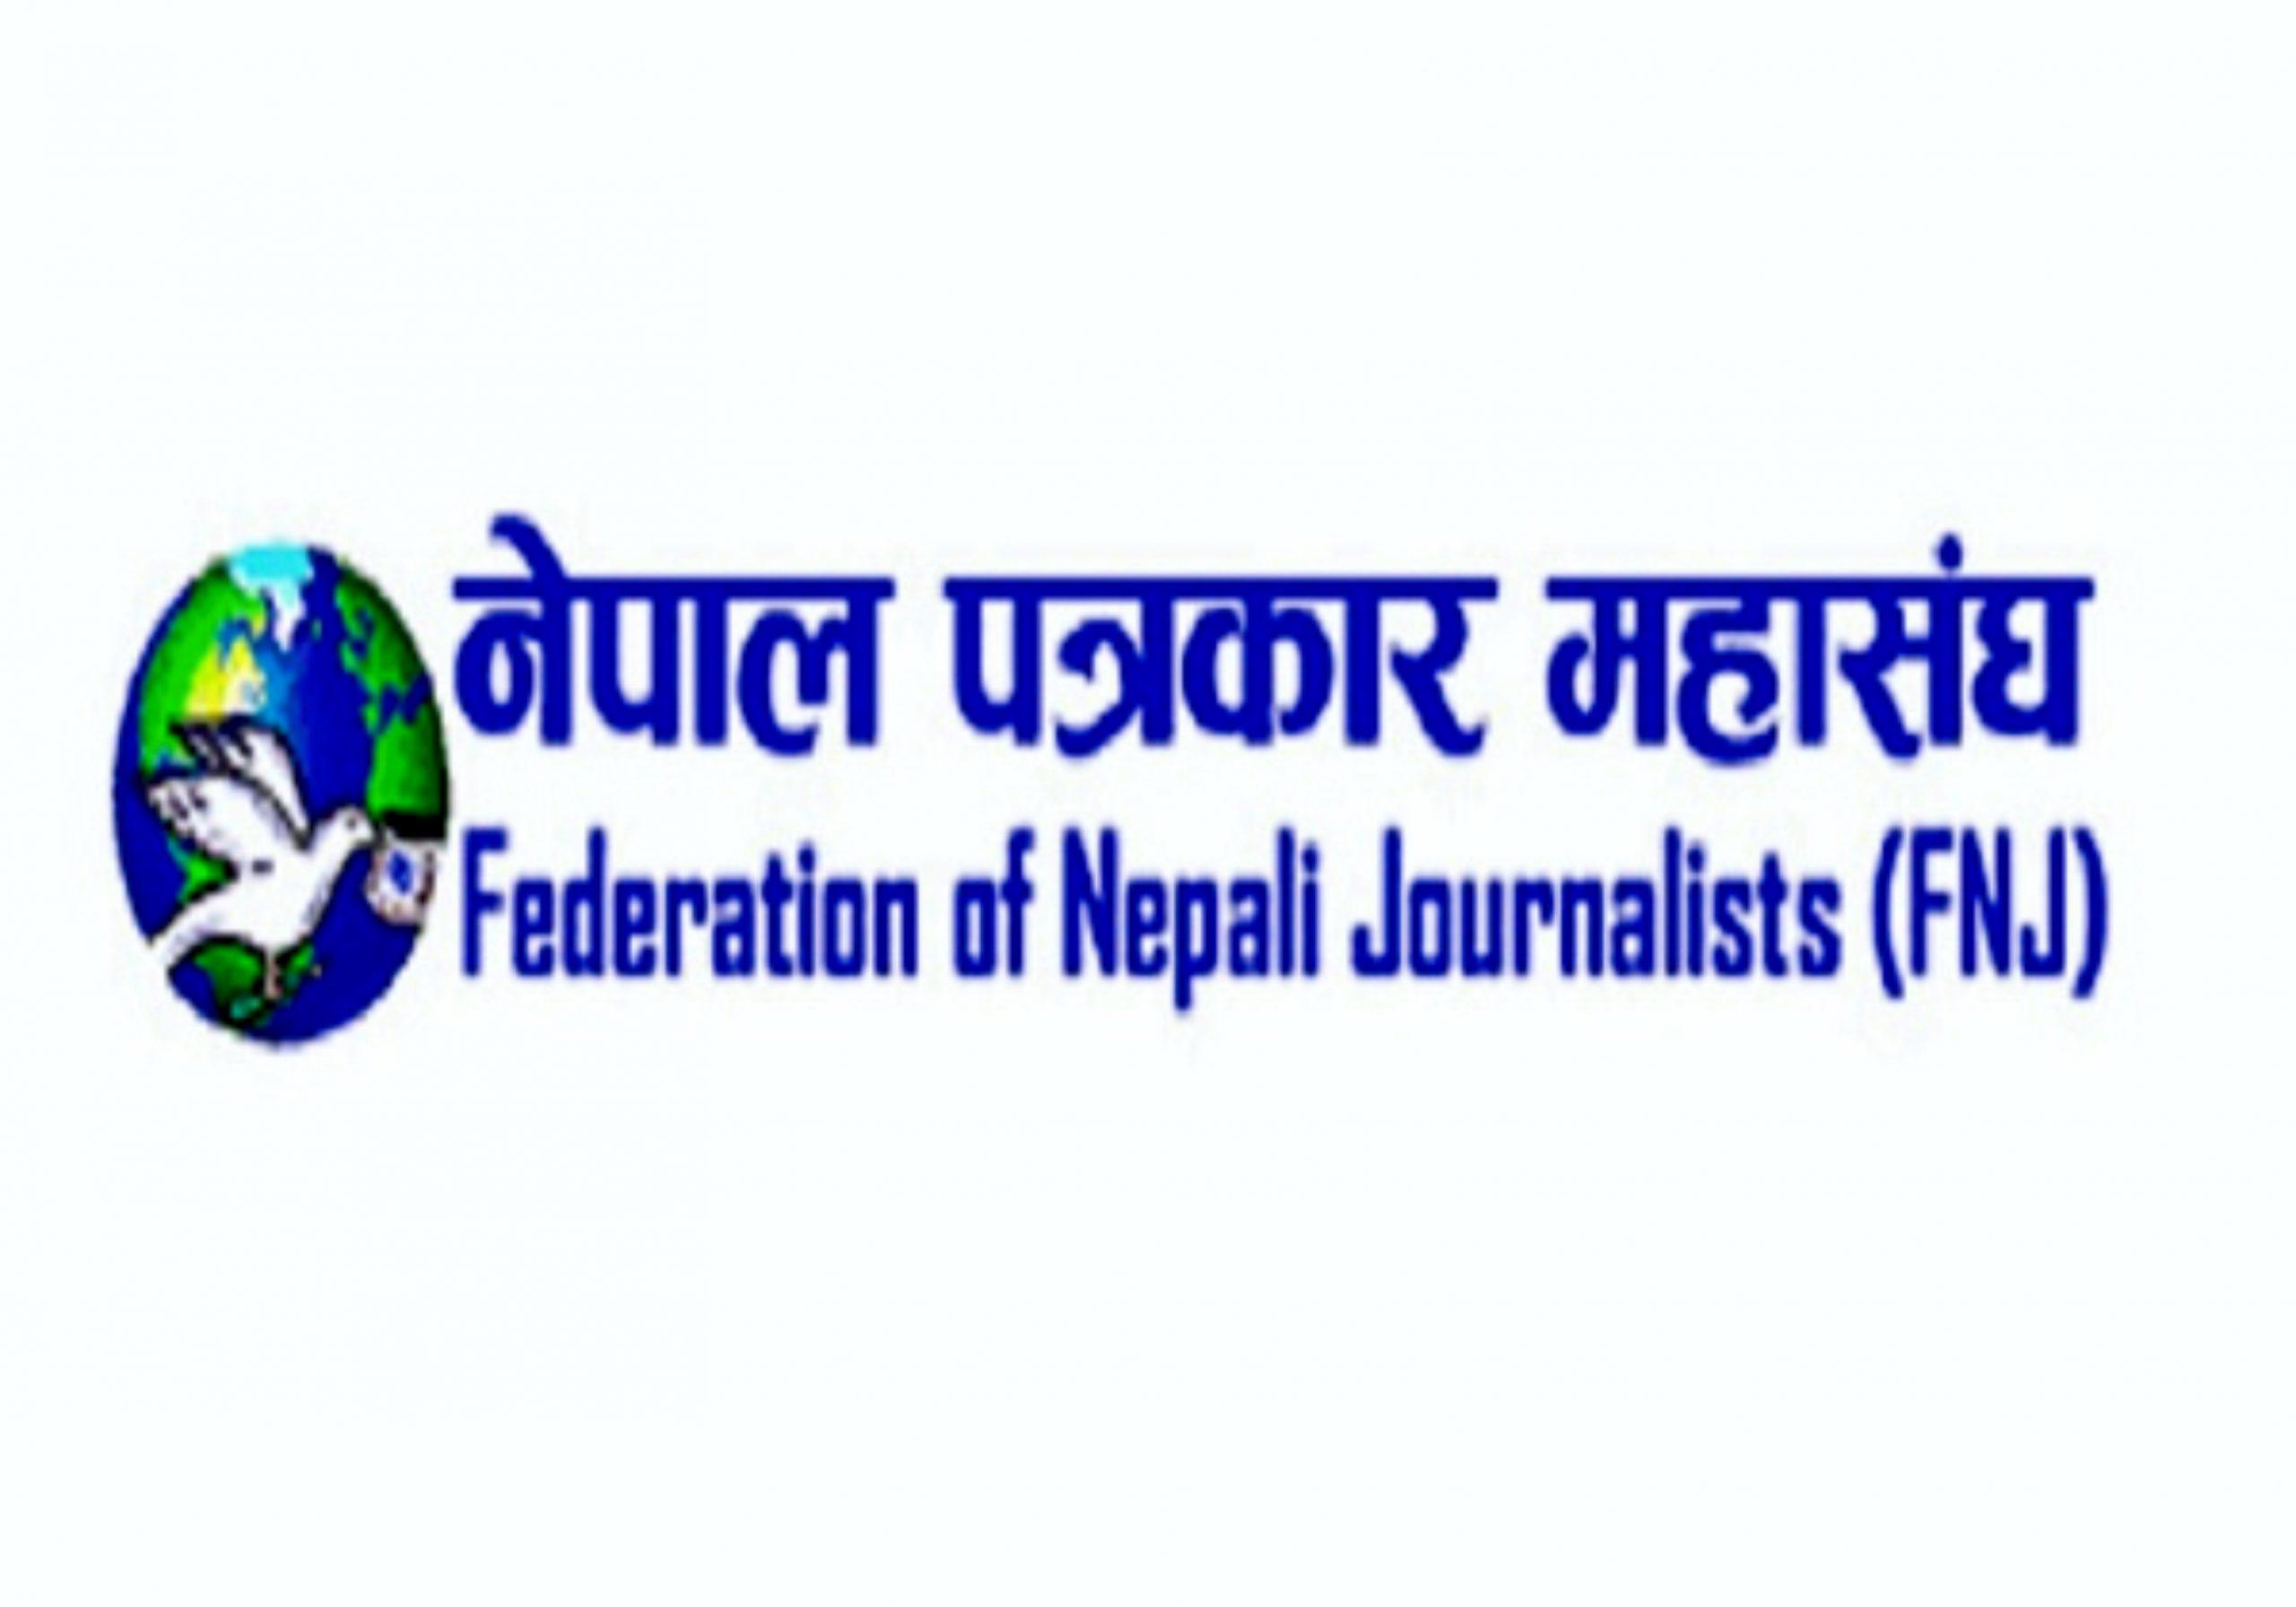 नेपाल पत्रकार महासङ्घको उम्मेदवारी घोषणा(नामावलीसहित)